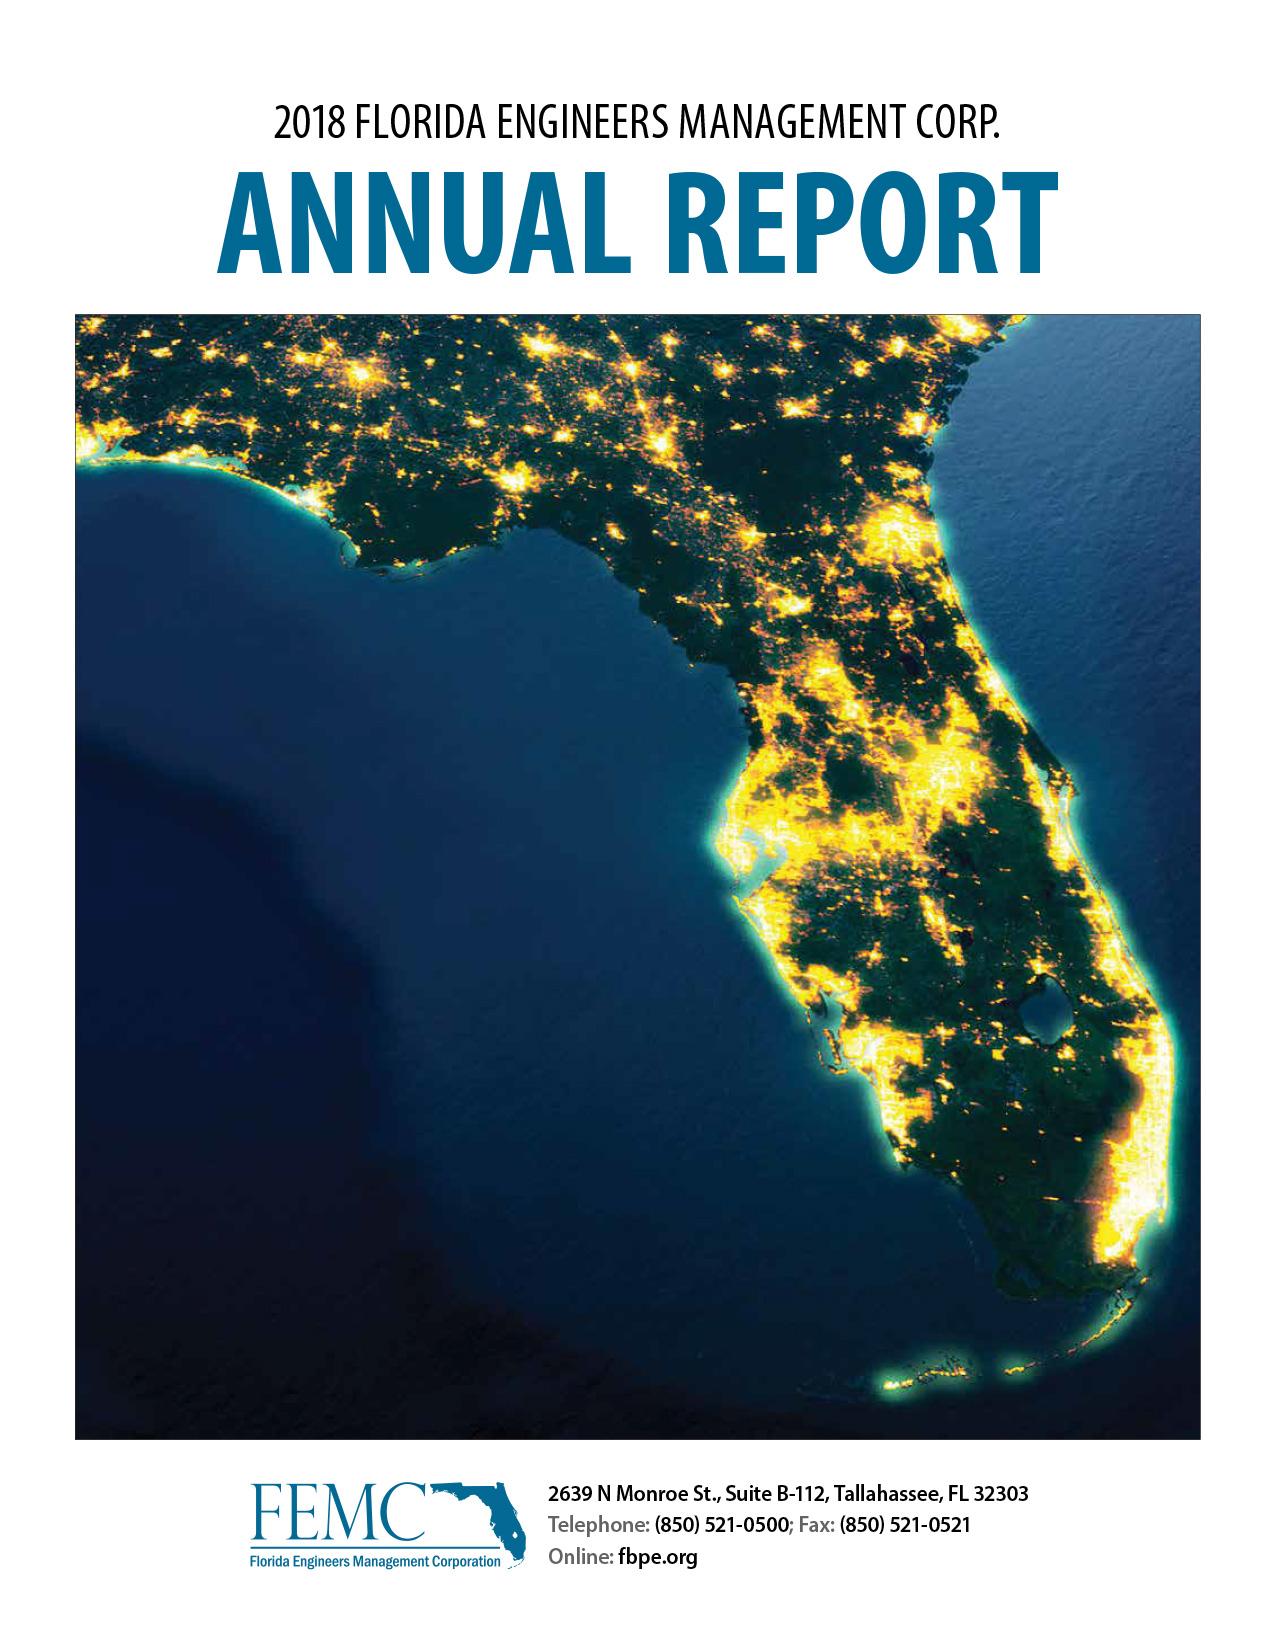 FEMC Annual Report 2018